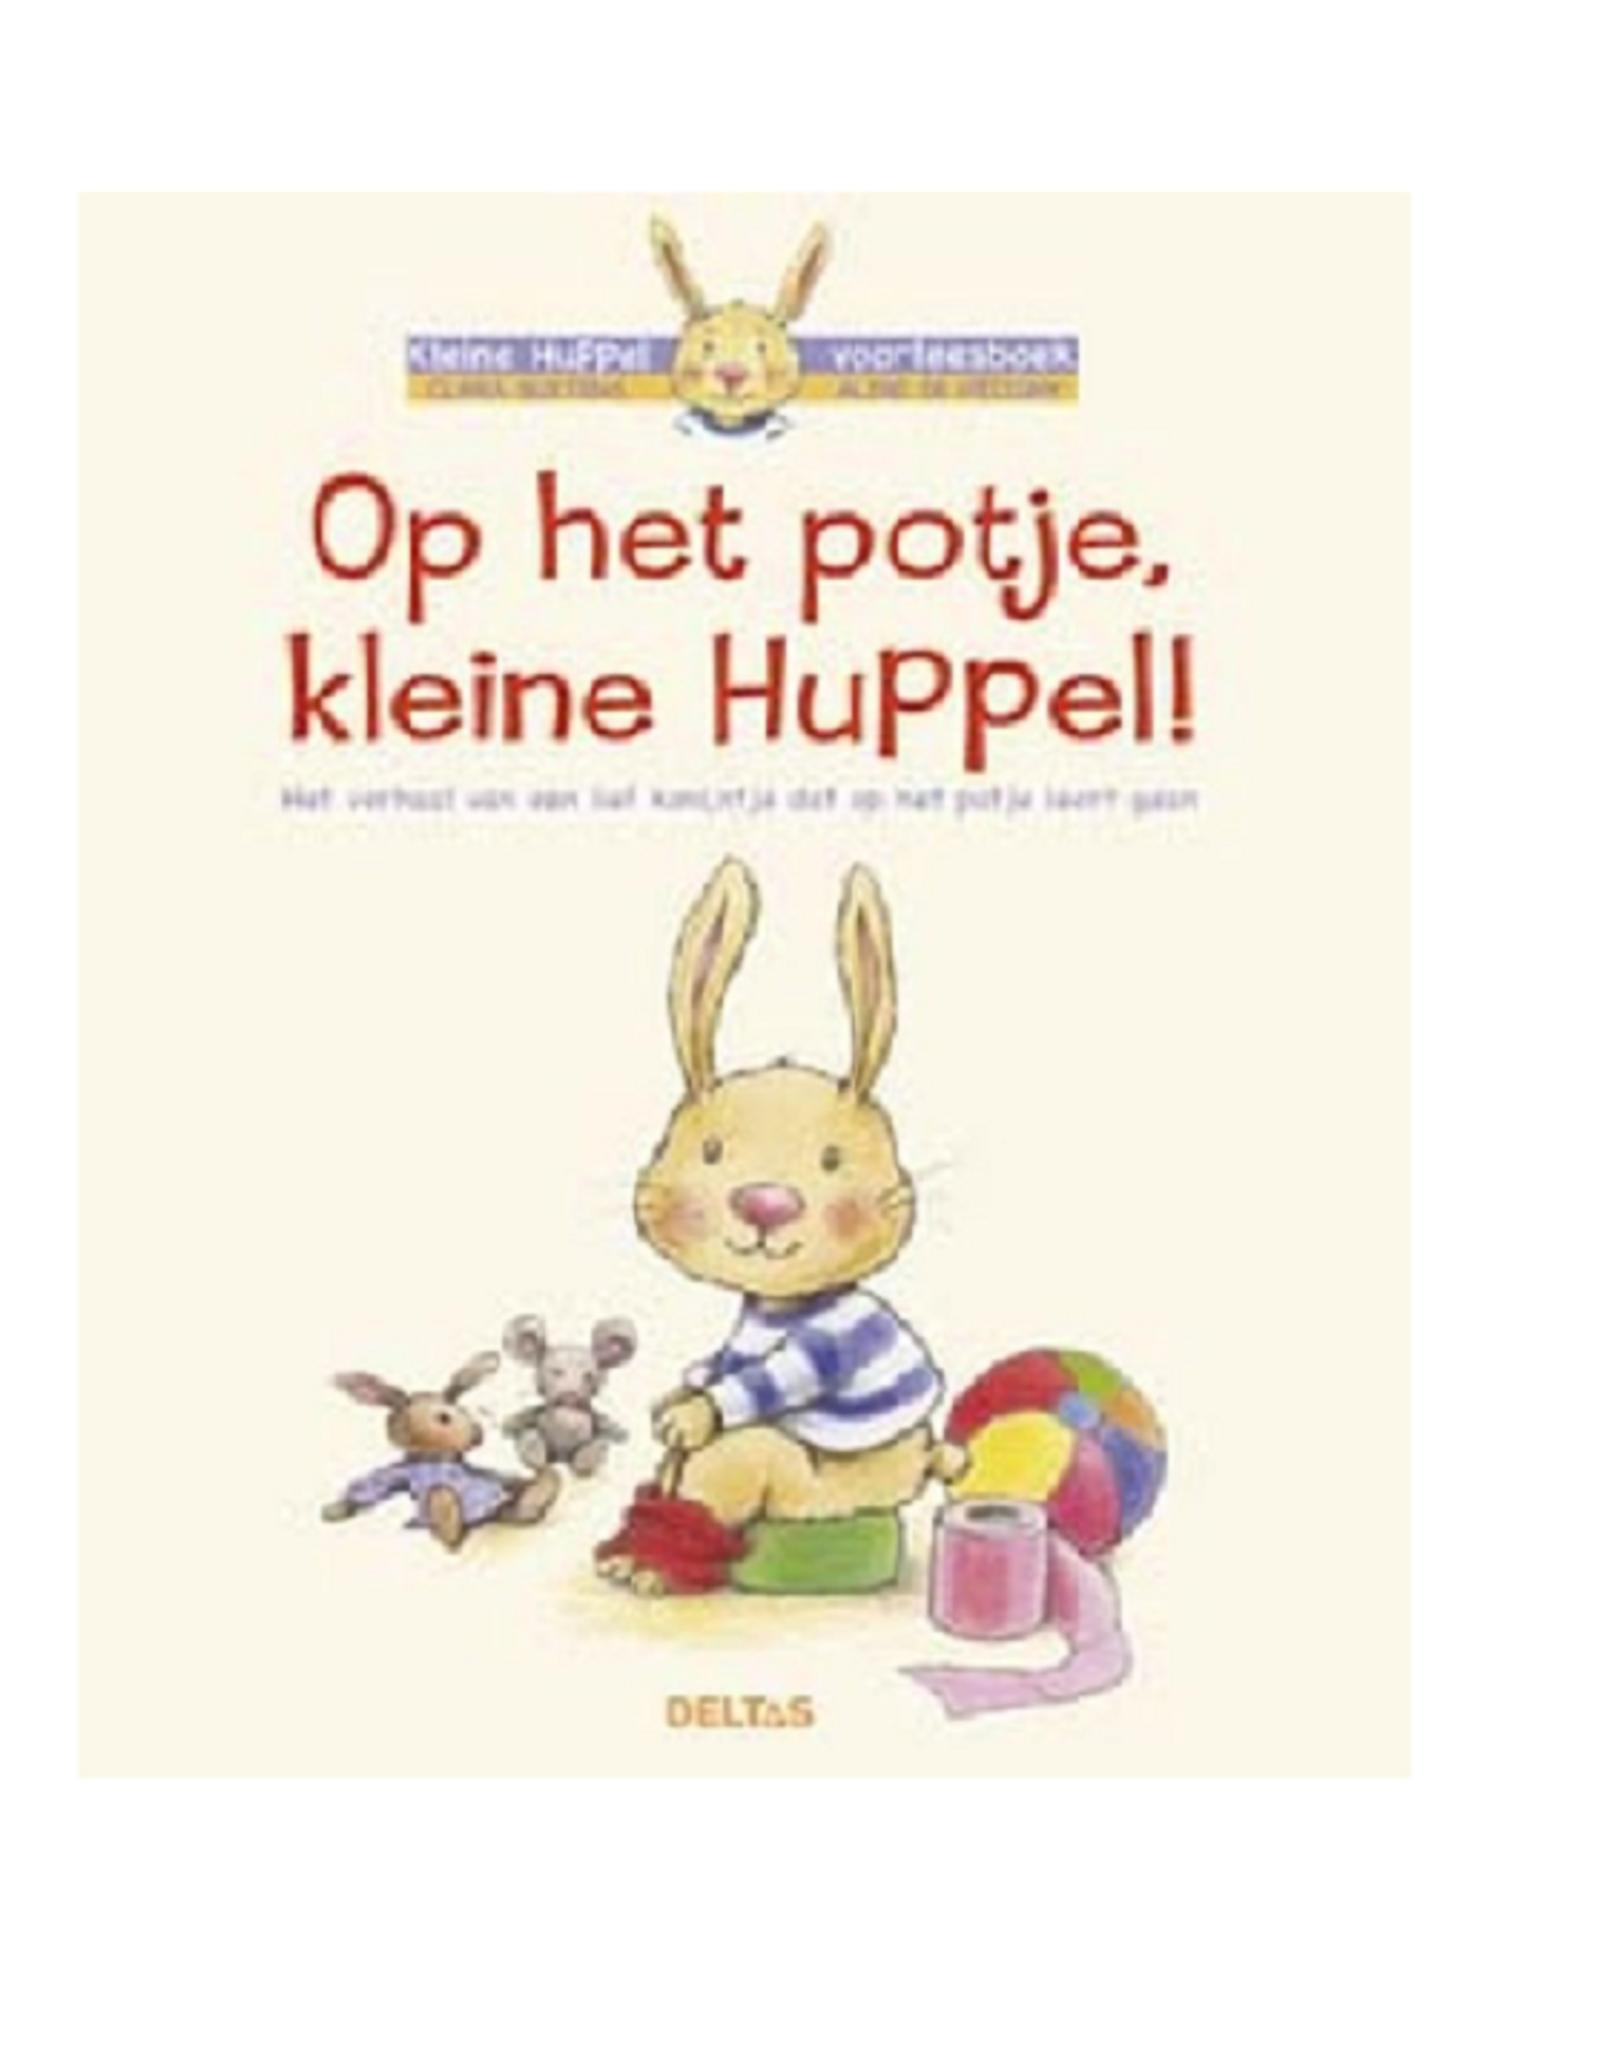 Deltas Kleine Huppel voorleesboek